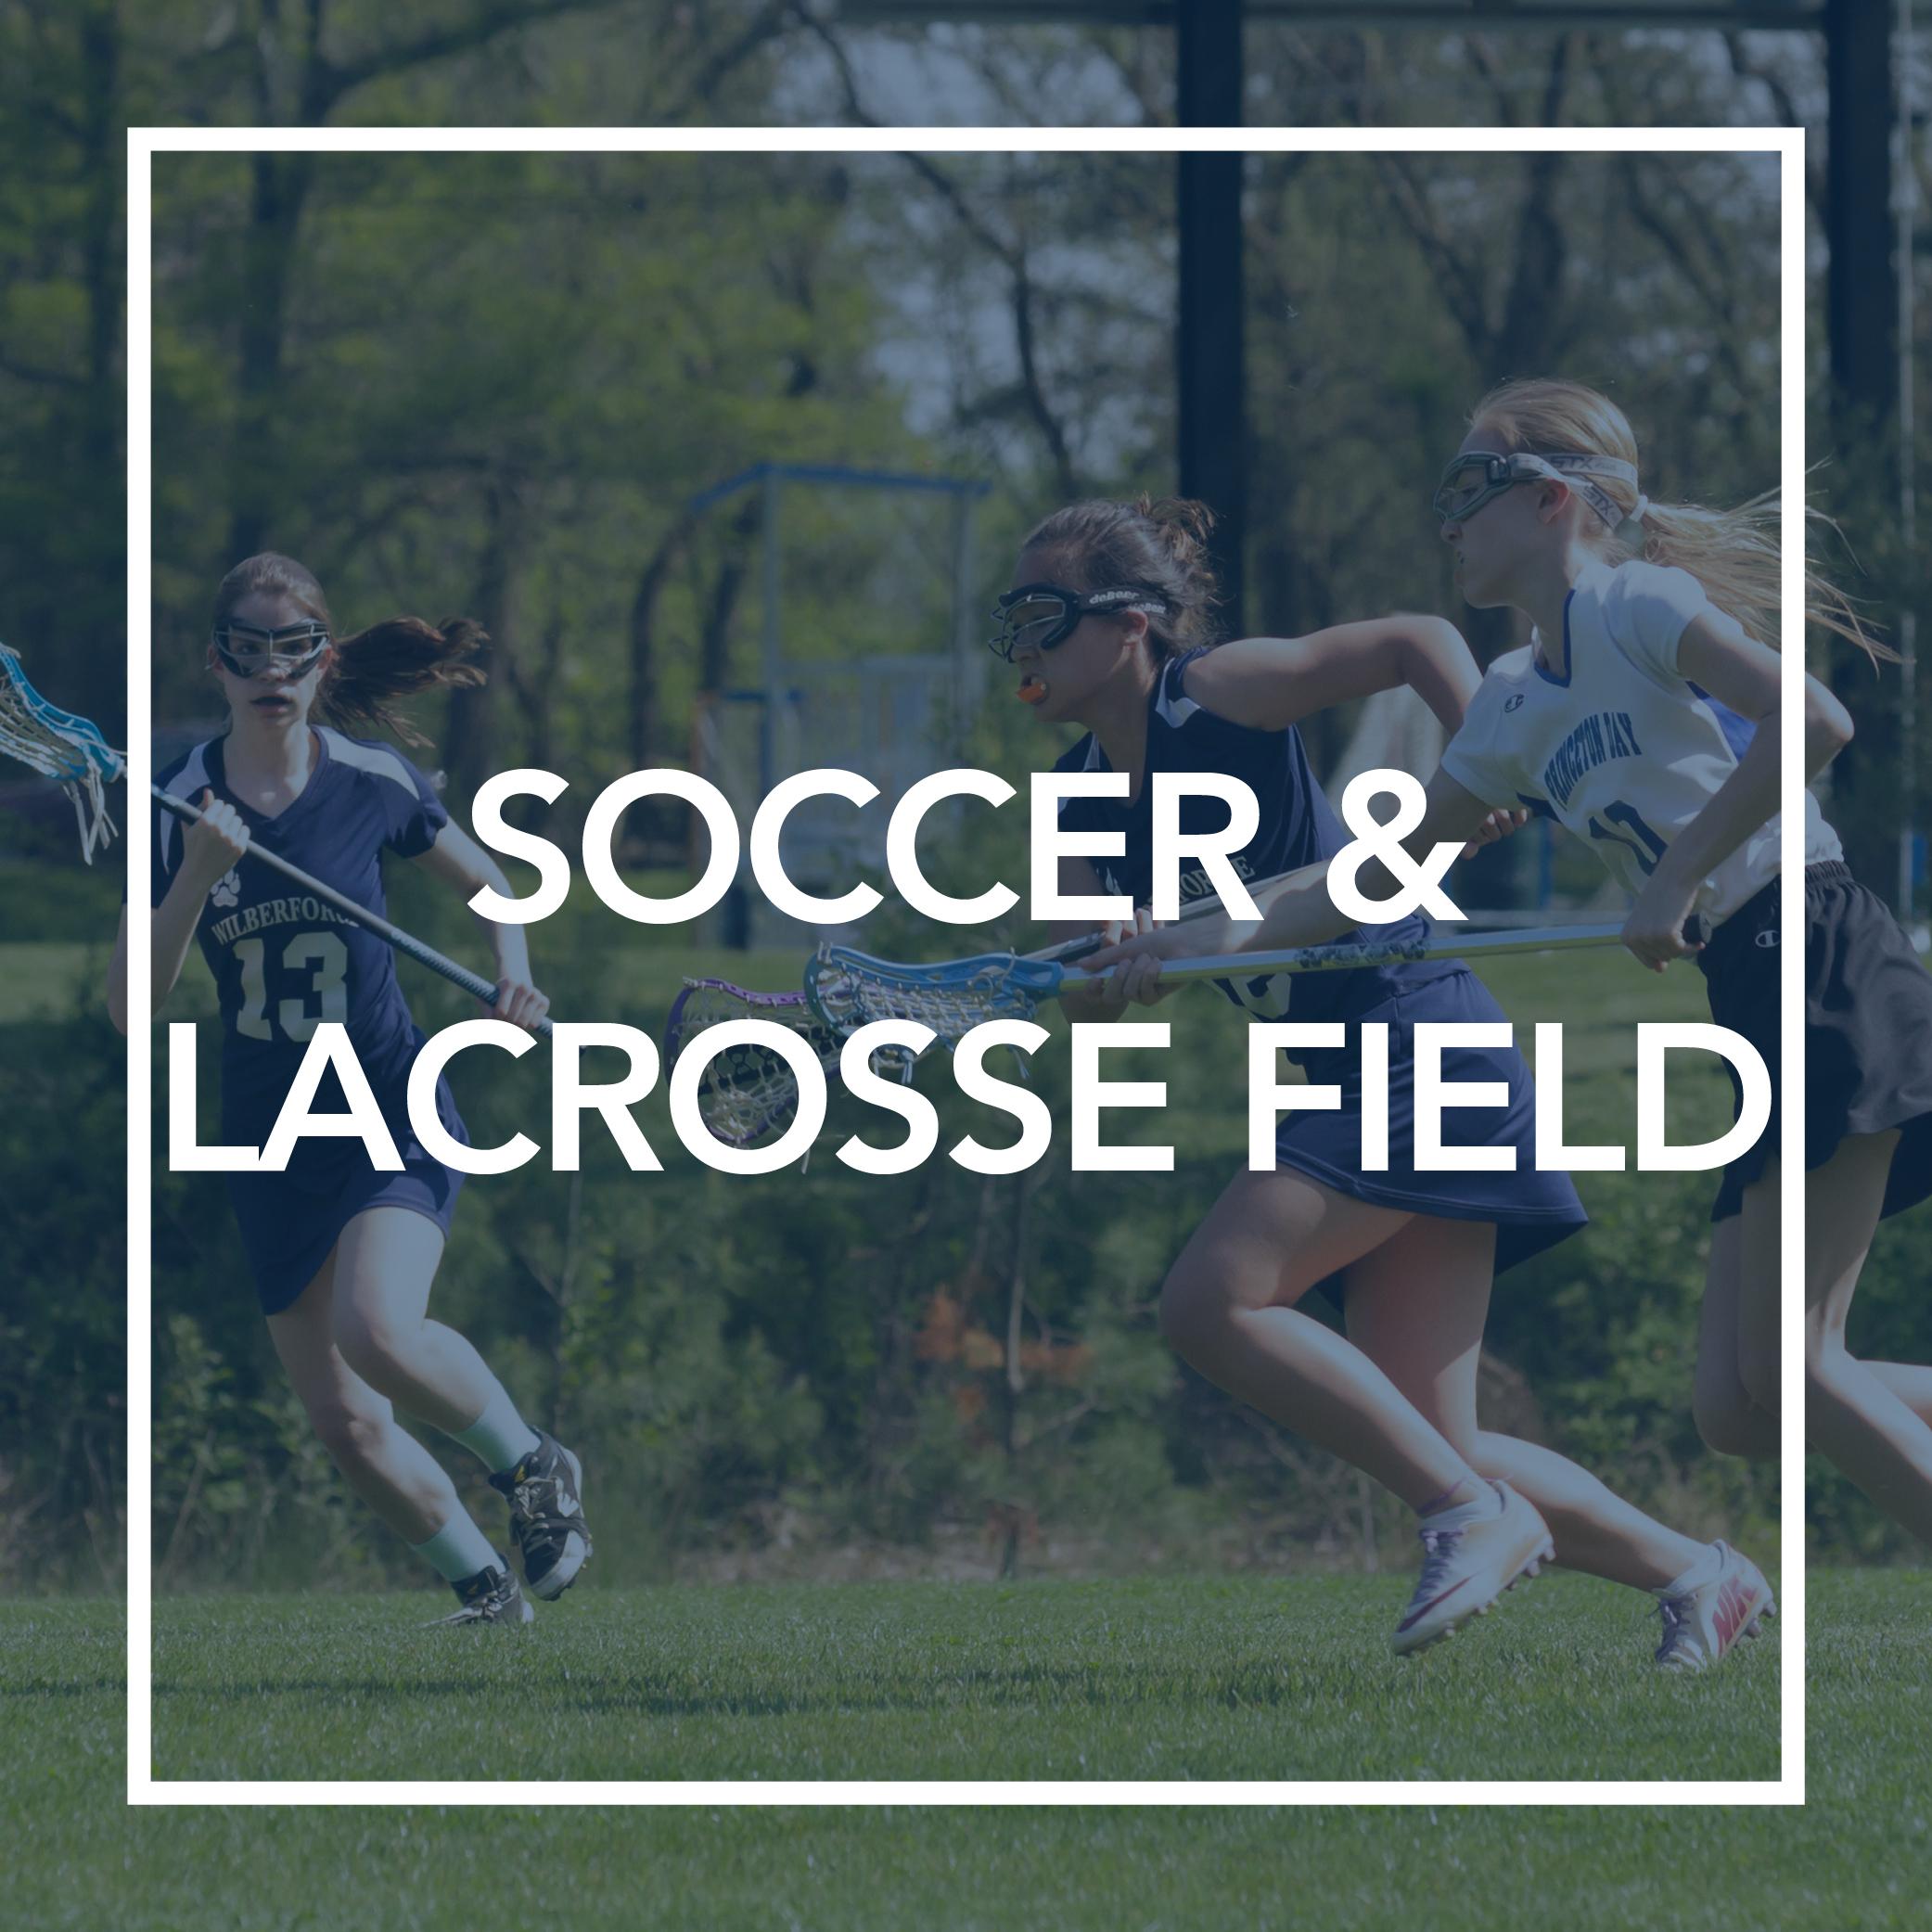 Soccer Lacrosse Field.jpg